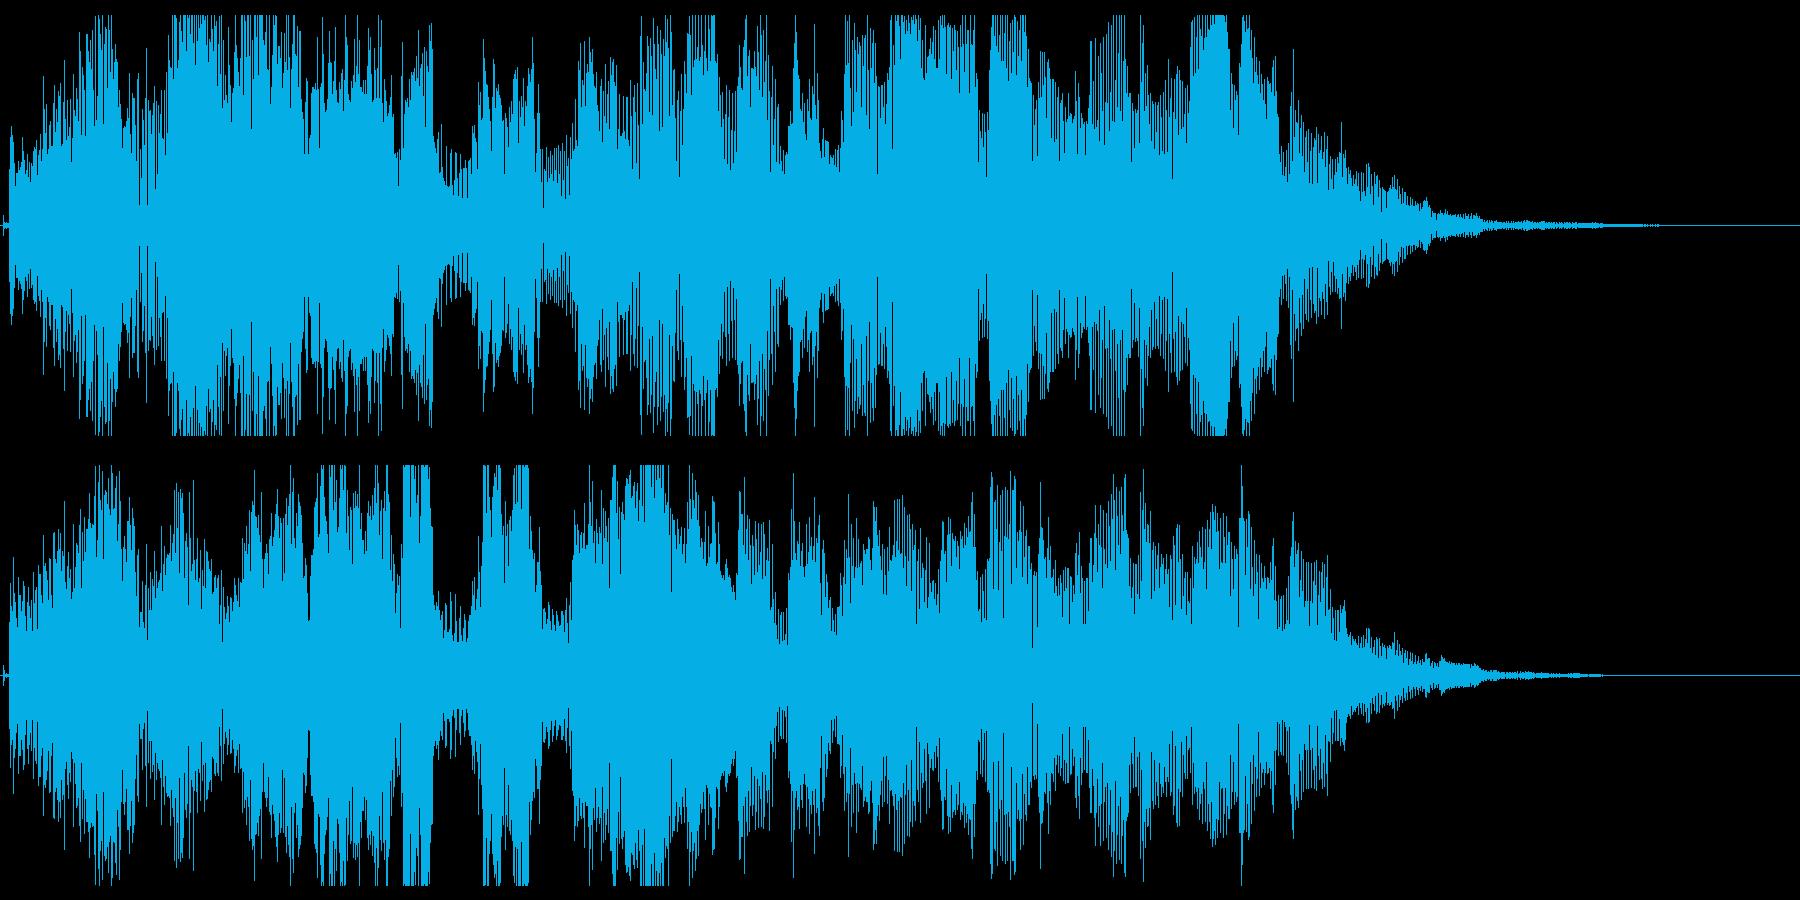 パワーアップ音03の再生済みの波形